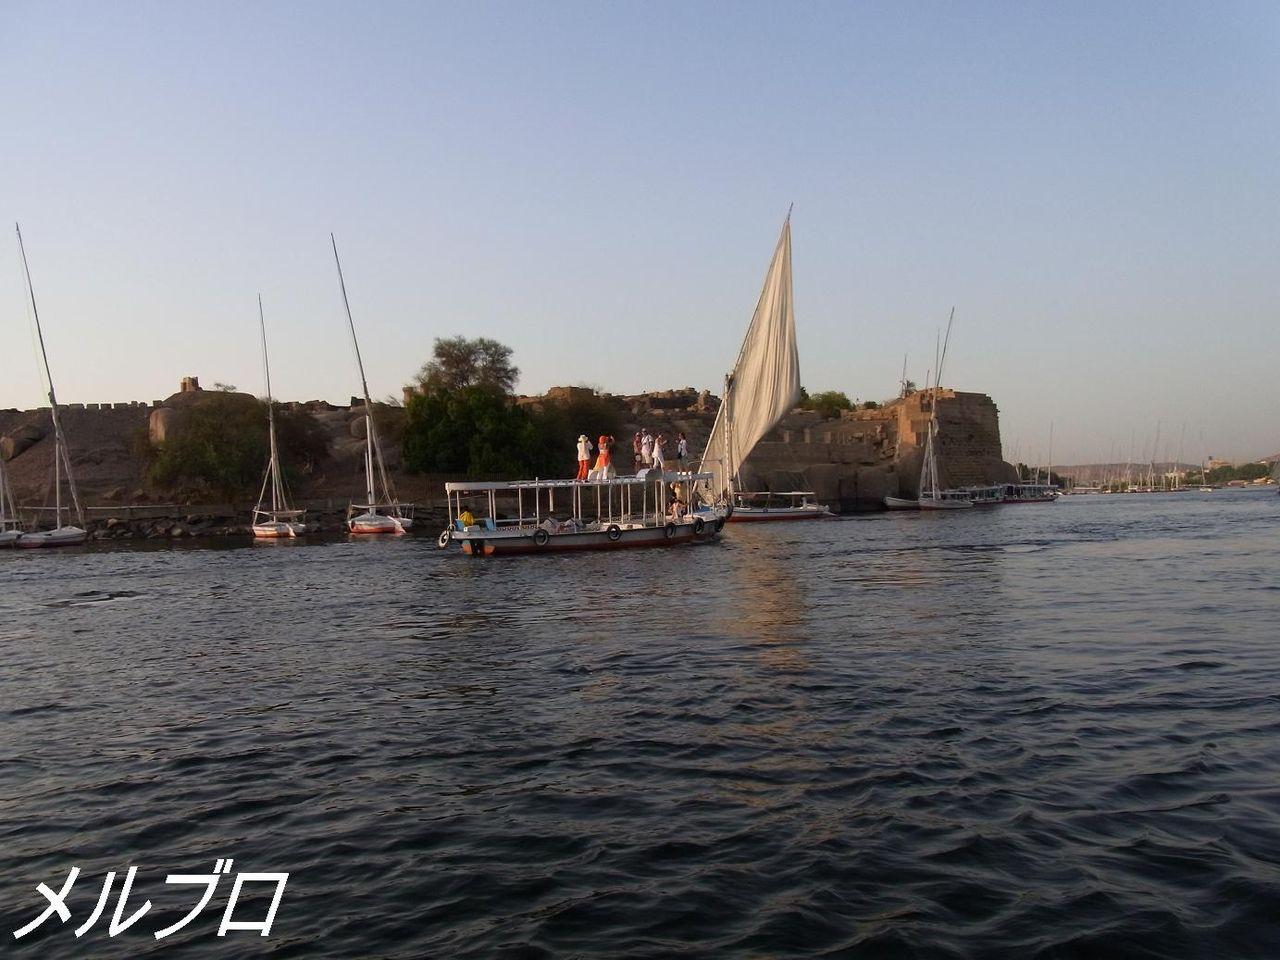 屋根に乗れる船